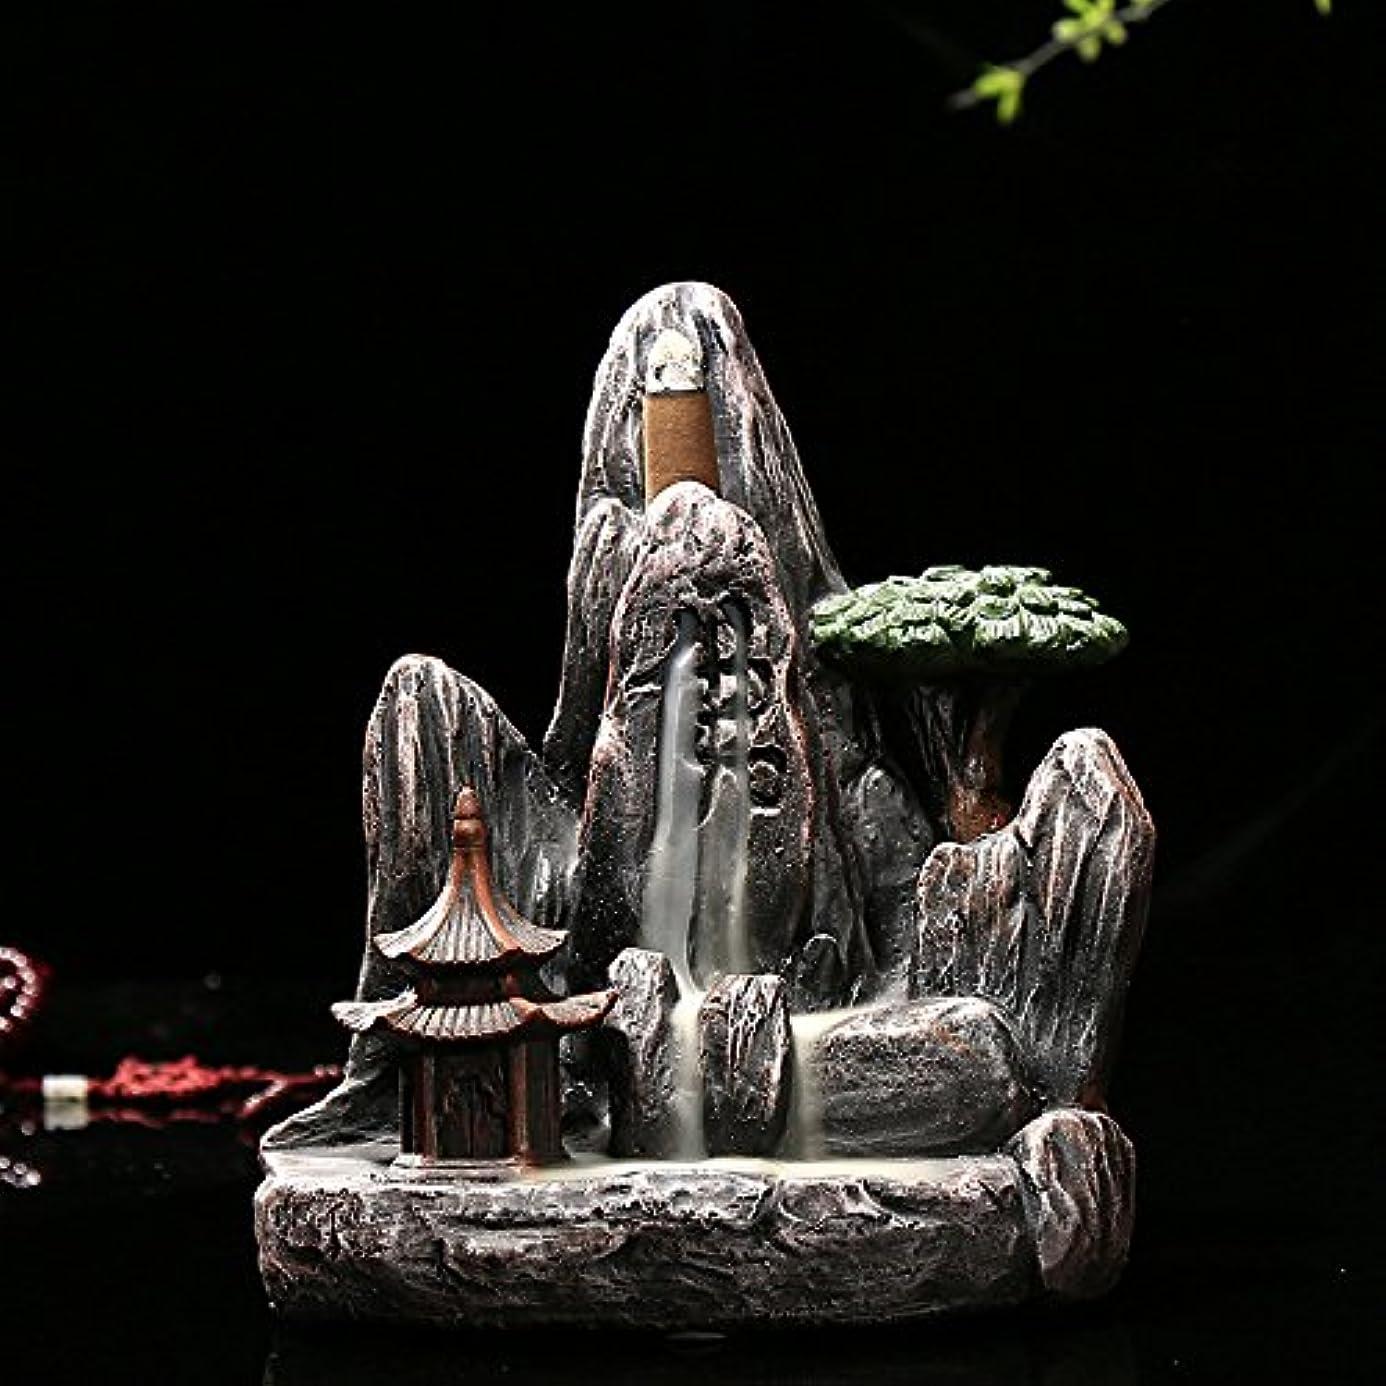 フィードバックゴール文句を言うomonic Zen Garden Mountain Stream Backflow手作り樹脂Incense Holder Burner、アロマセラピー炉Diffuser forホームインテリア